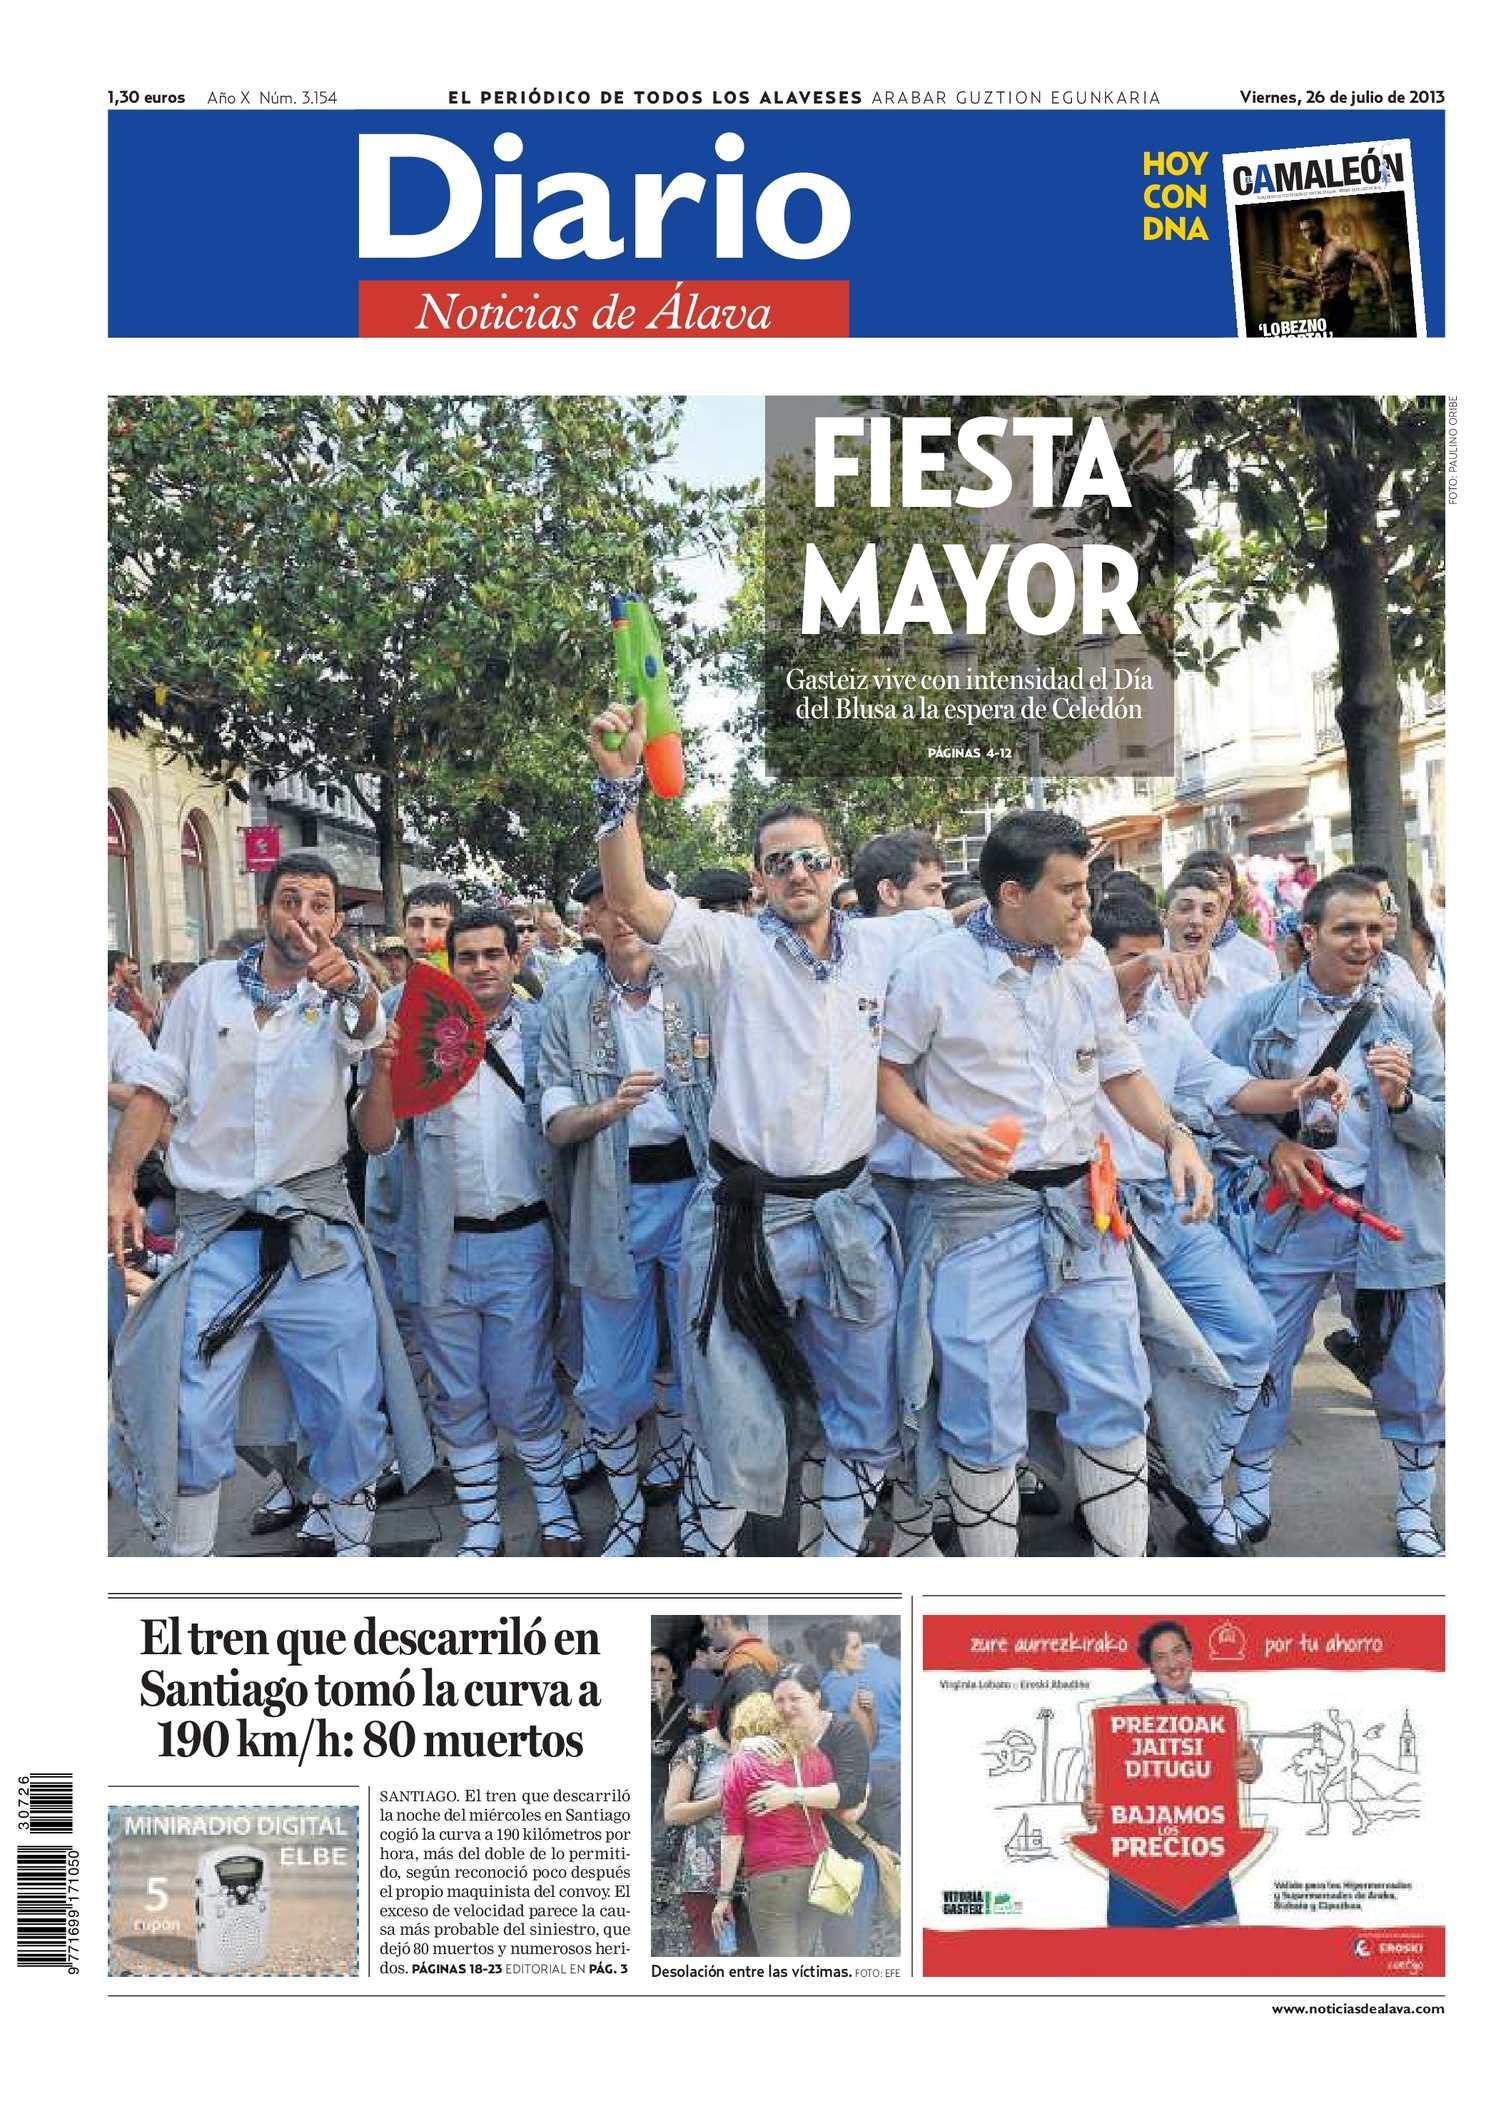 Calaméo - Diario de Noticias de Álava 20130726 b0b06acf5c9a